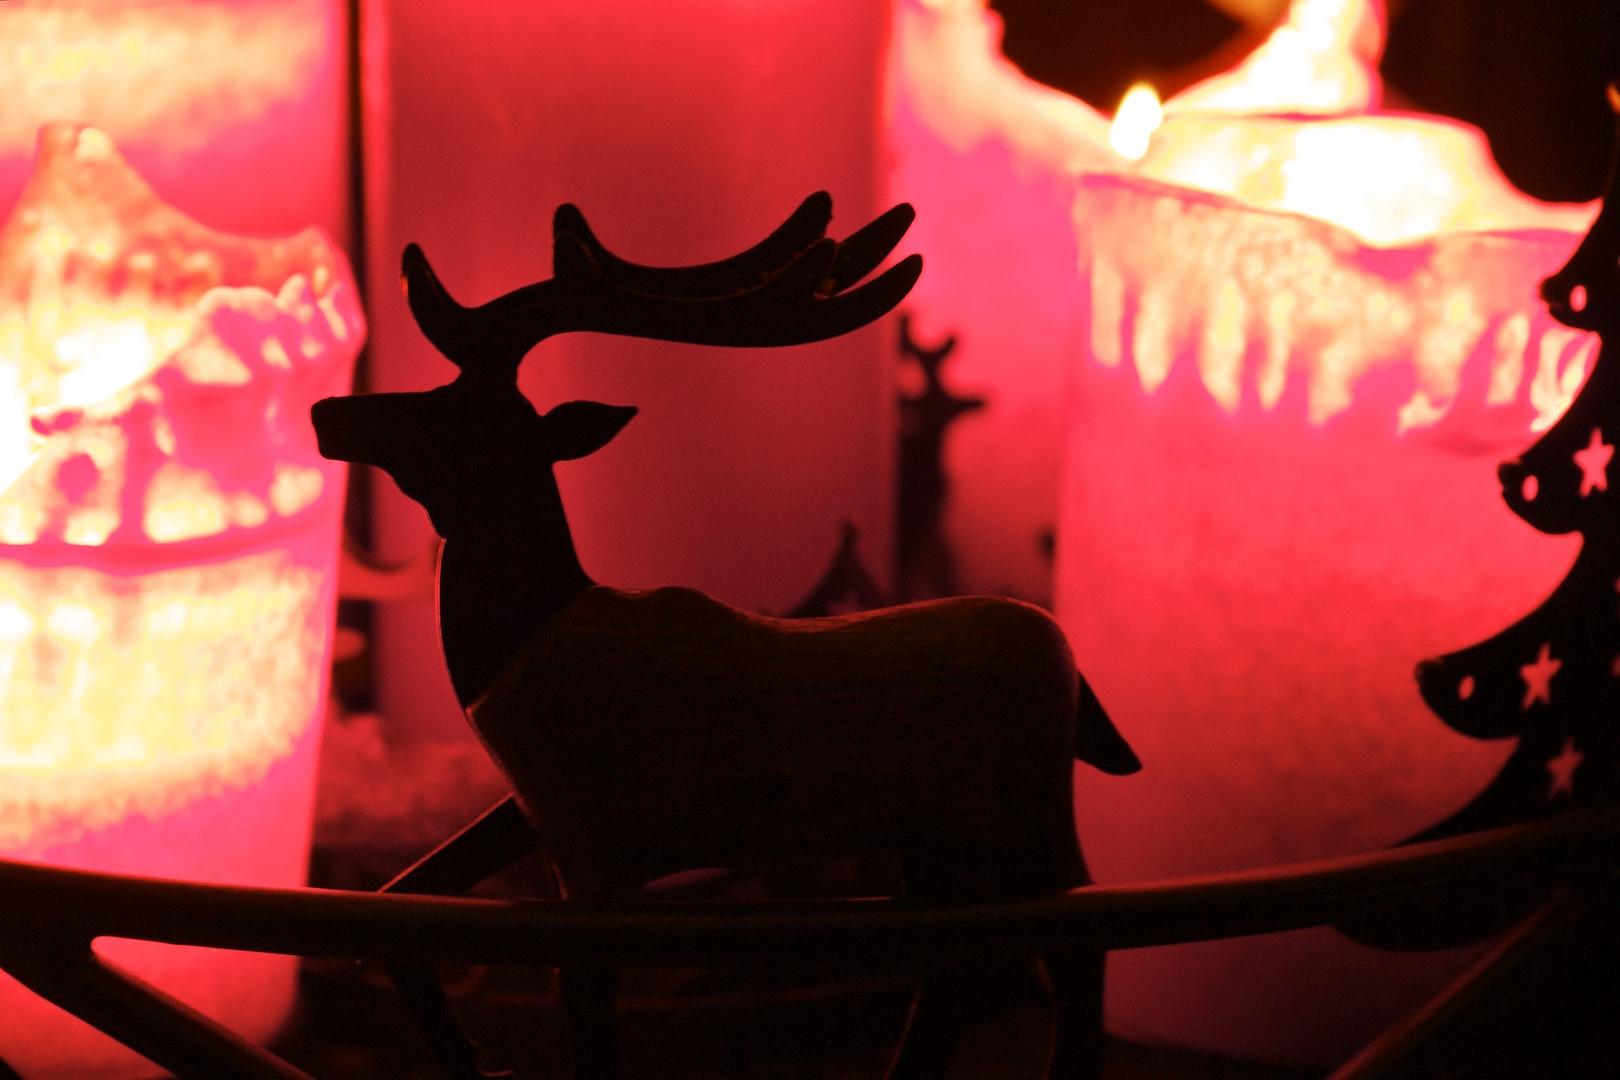 Euch allen schöne Weihnachten!!